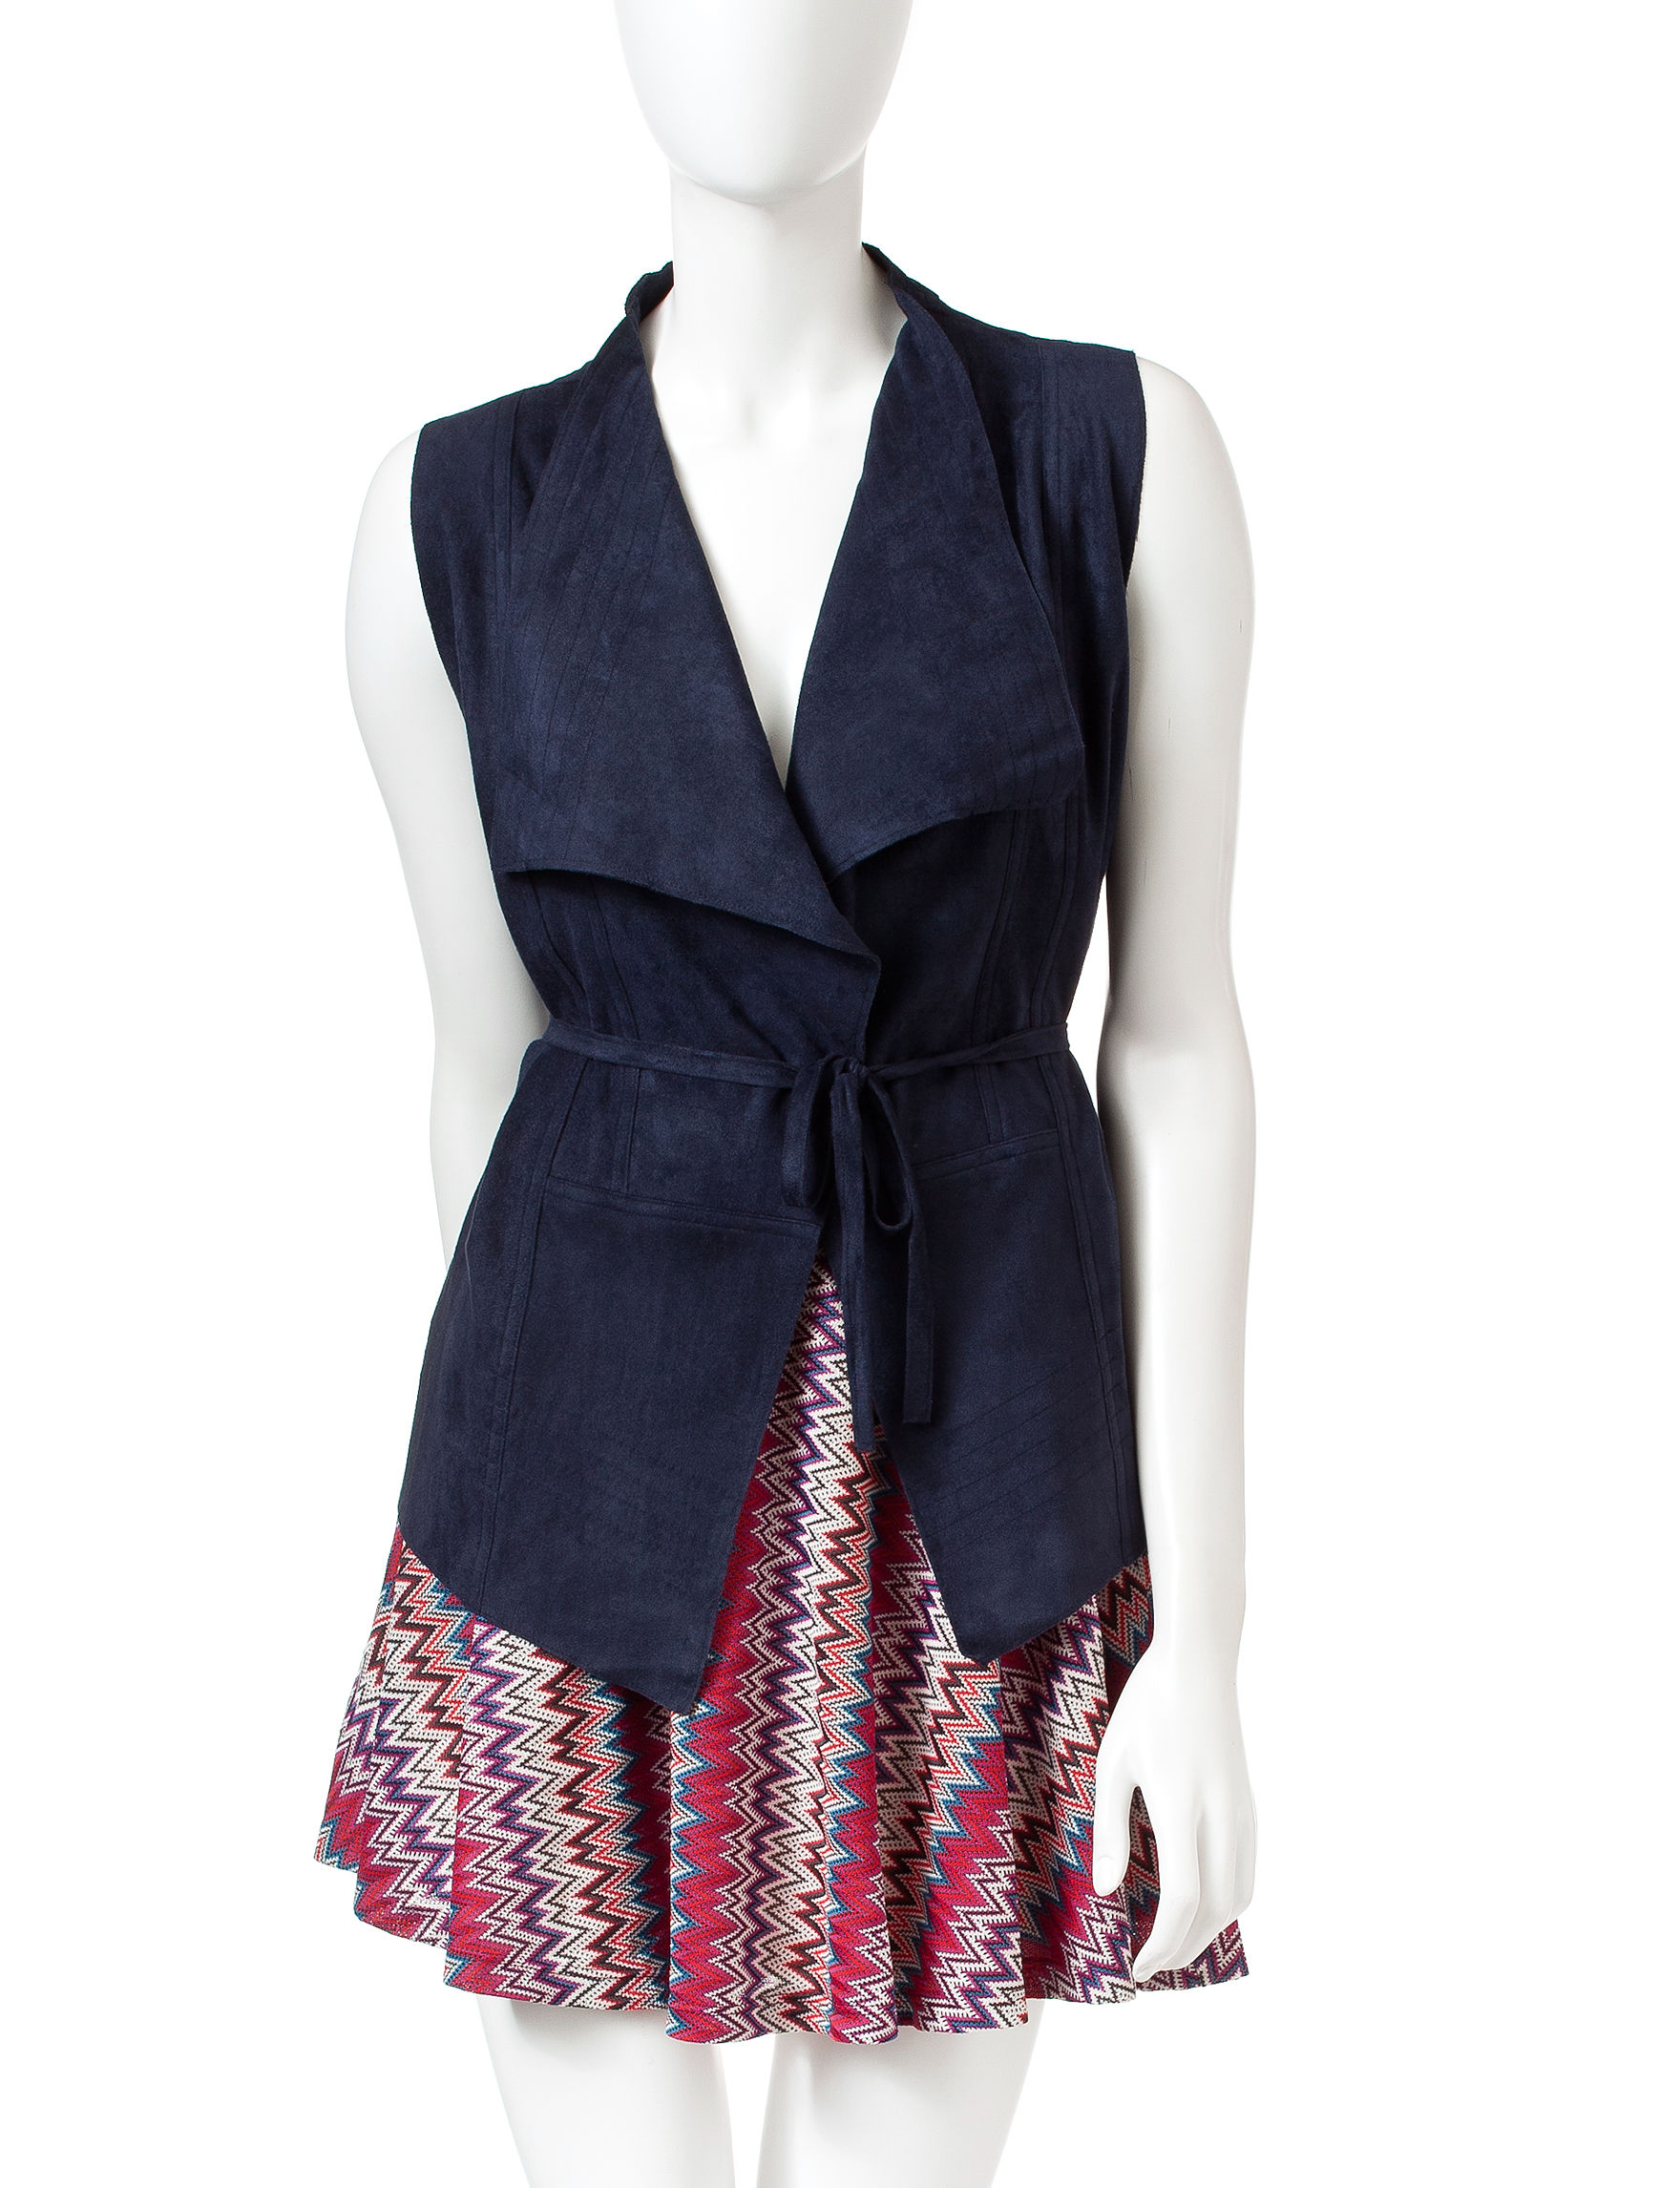 Romeo + Juliet Couture Navy Vests